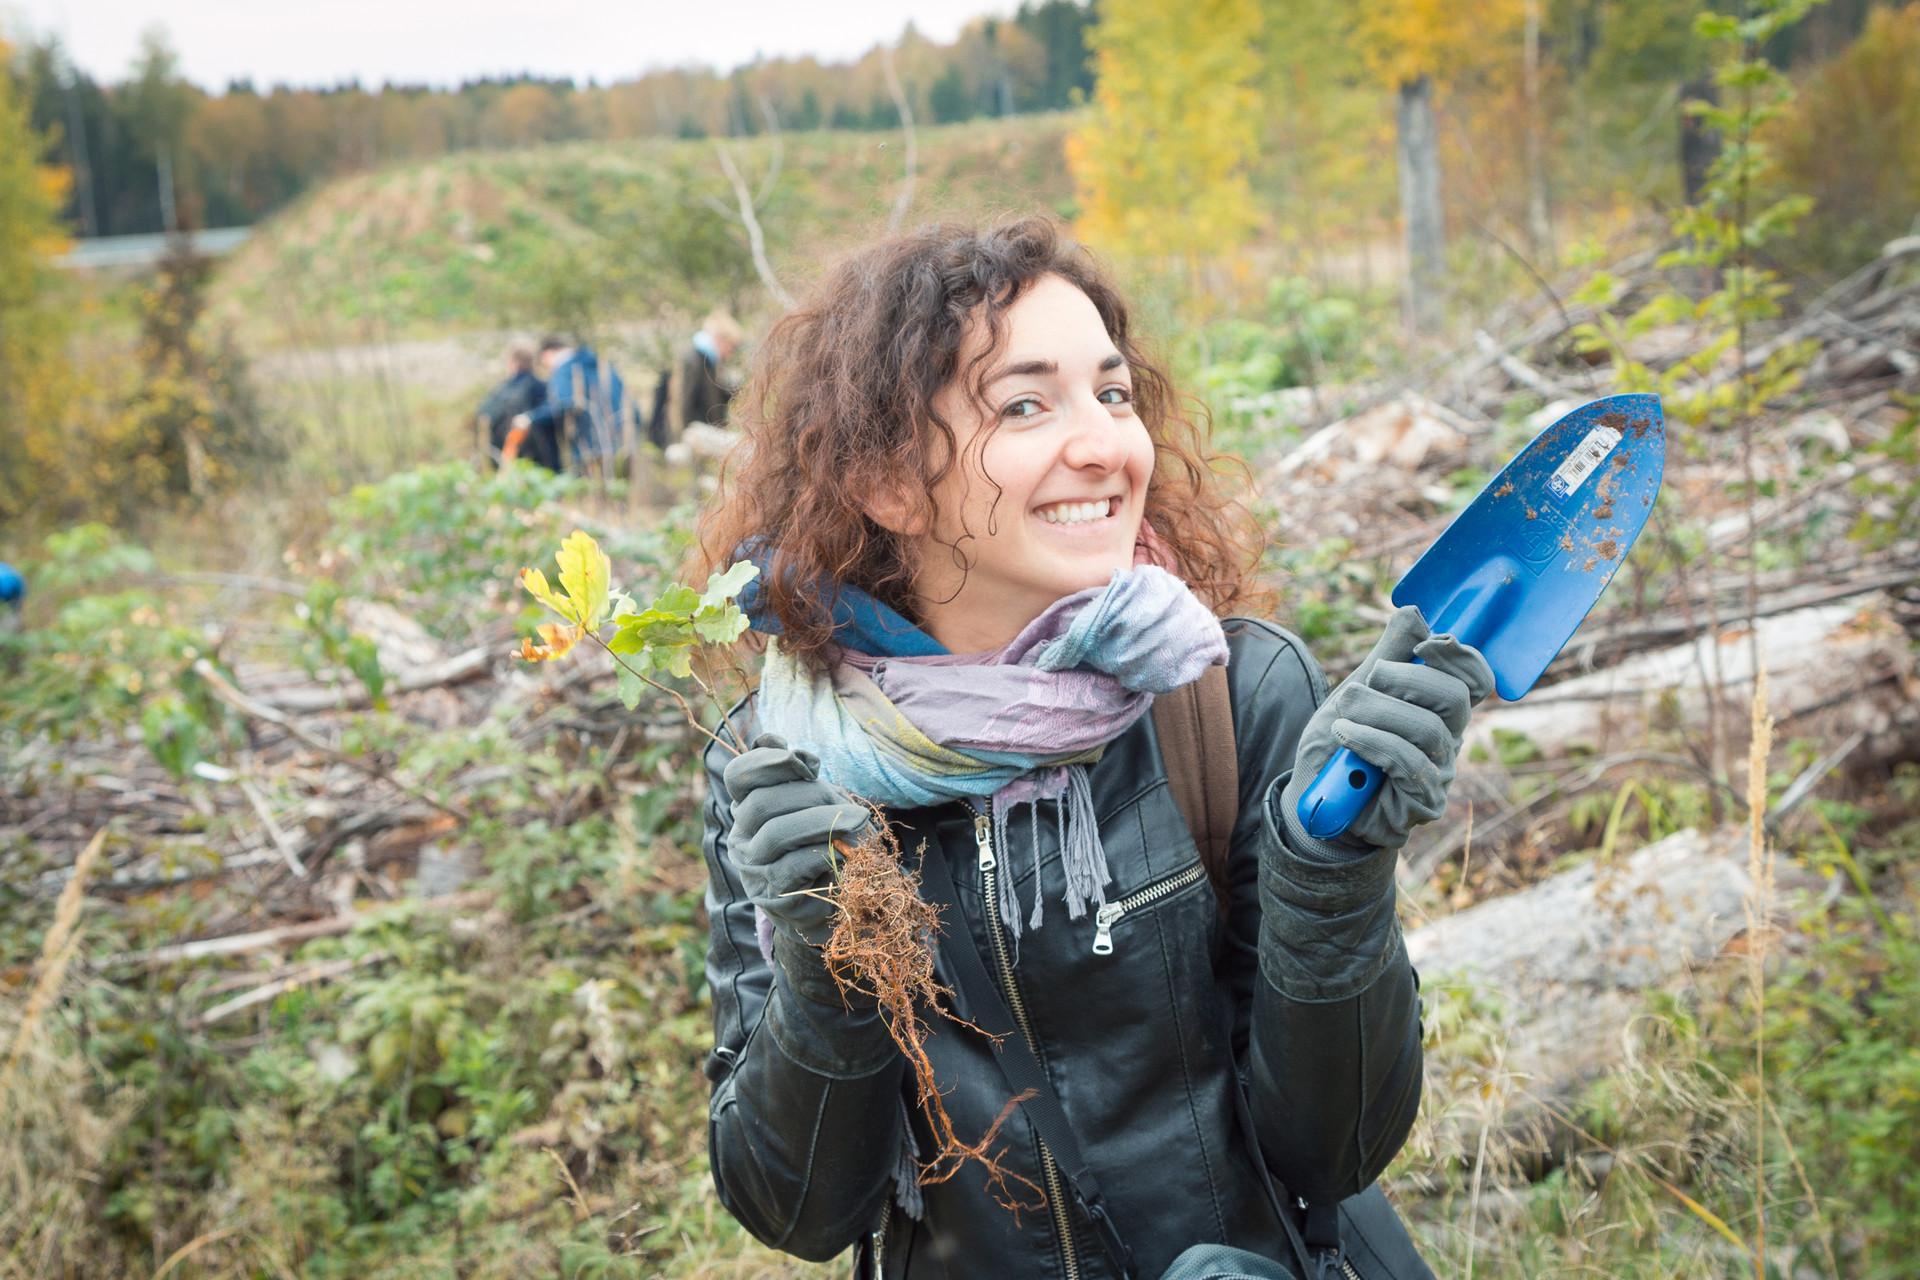 Piantando un bosco nella oblast' di Mosca con Greenpeace